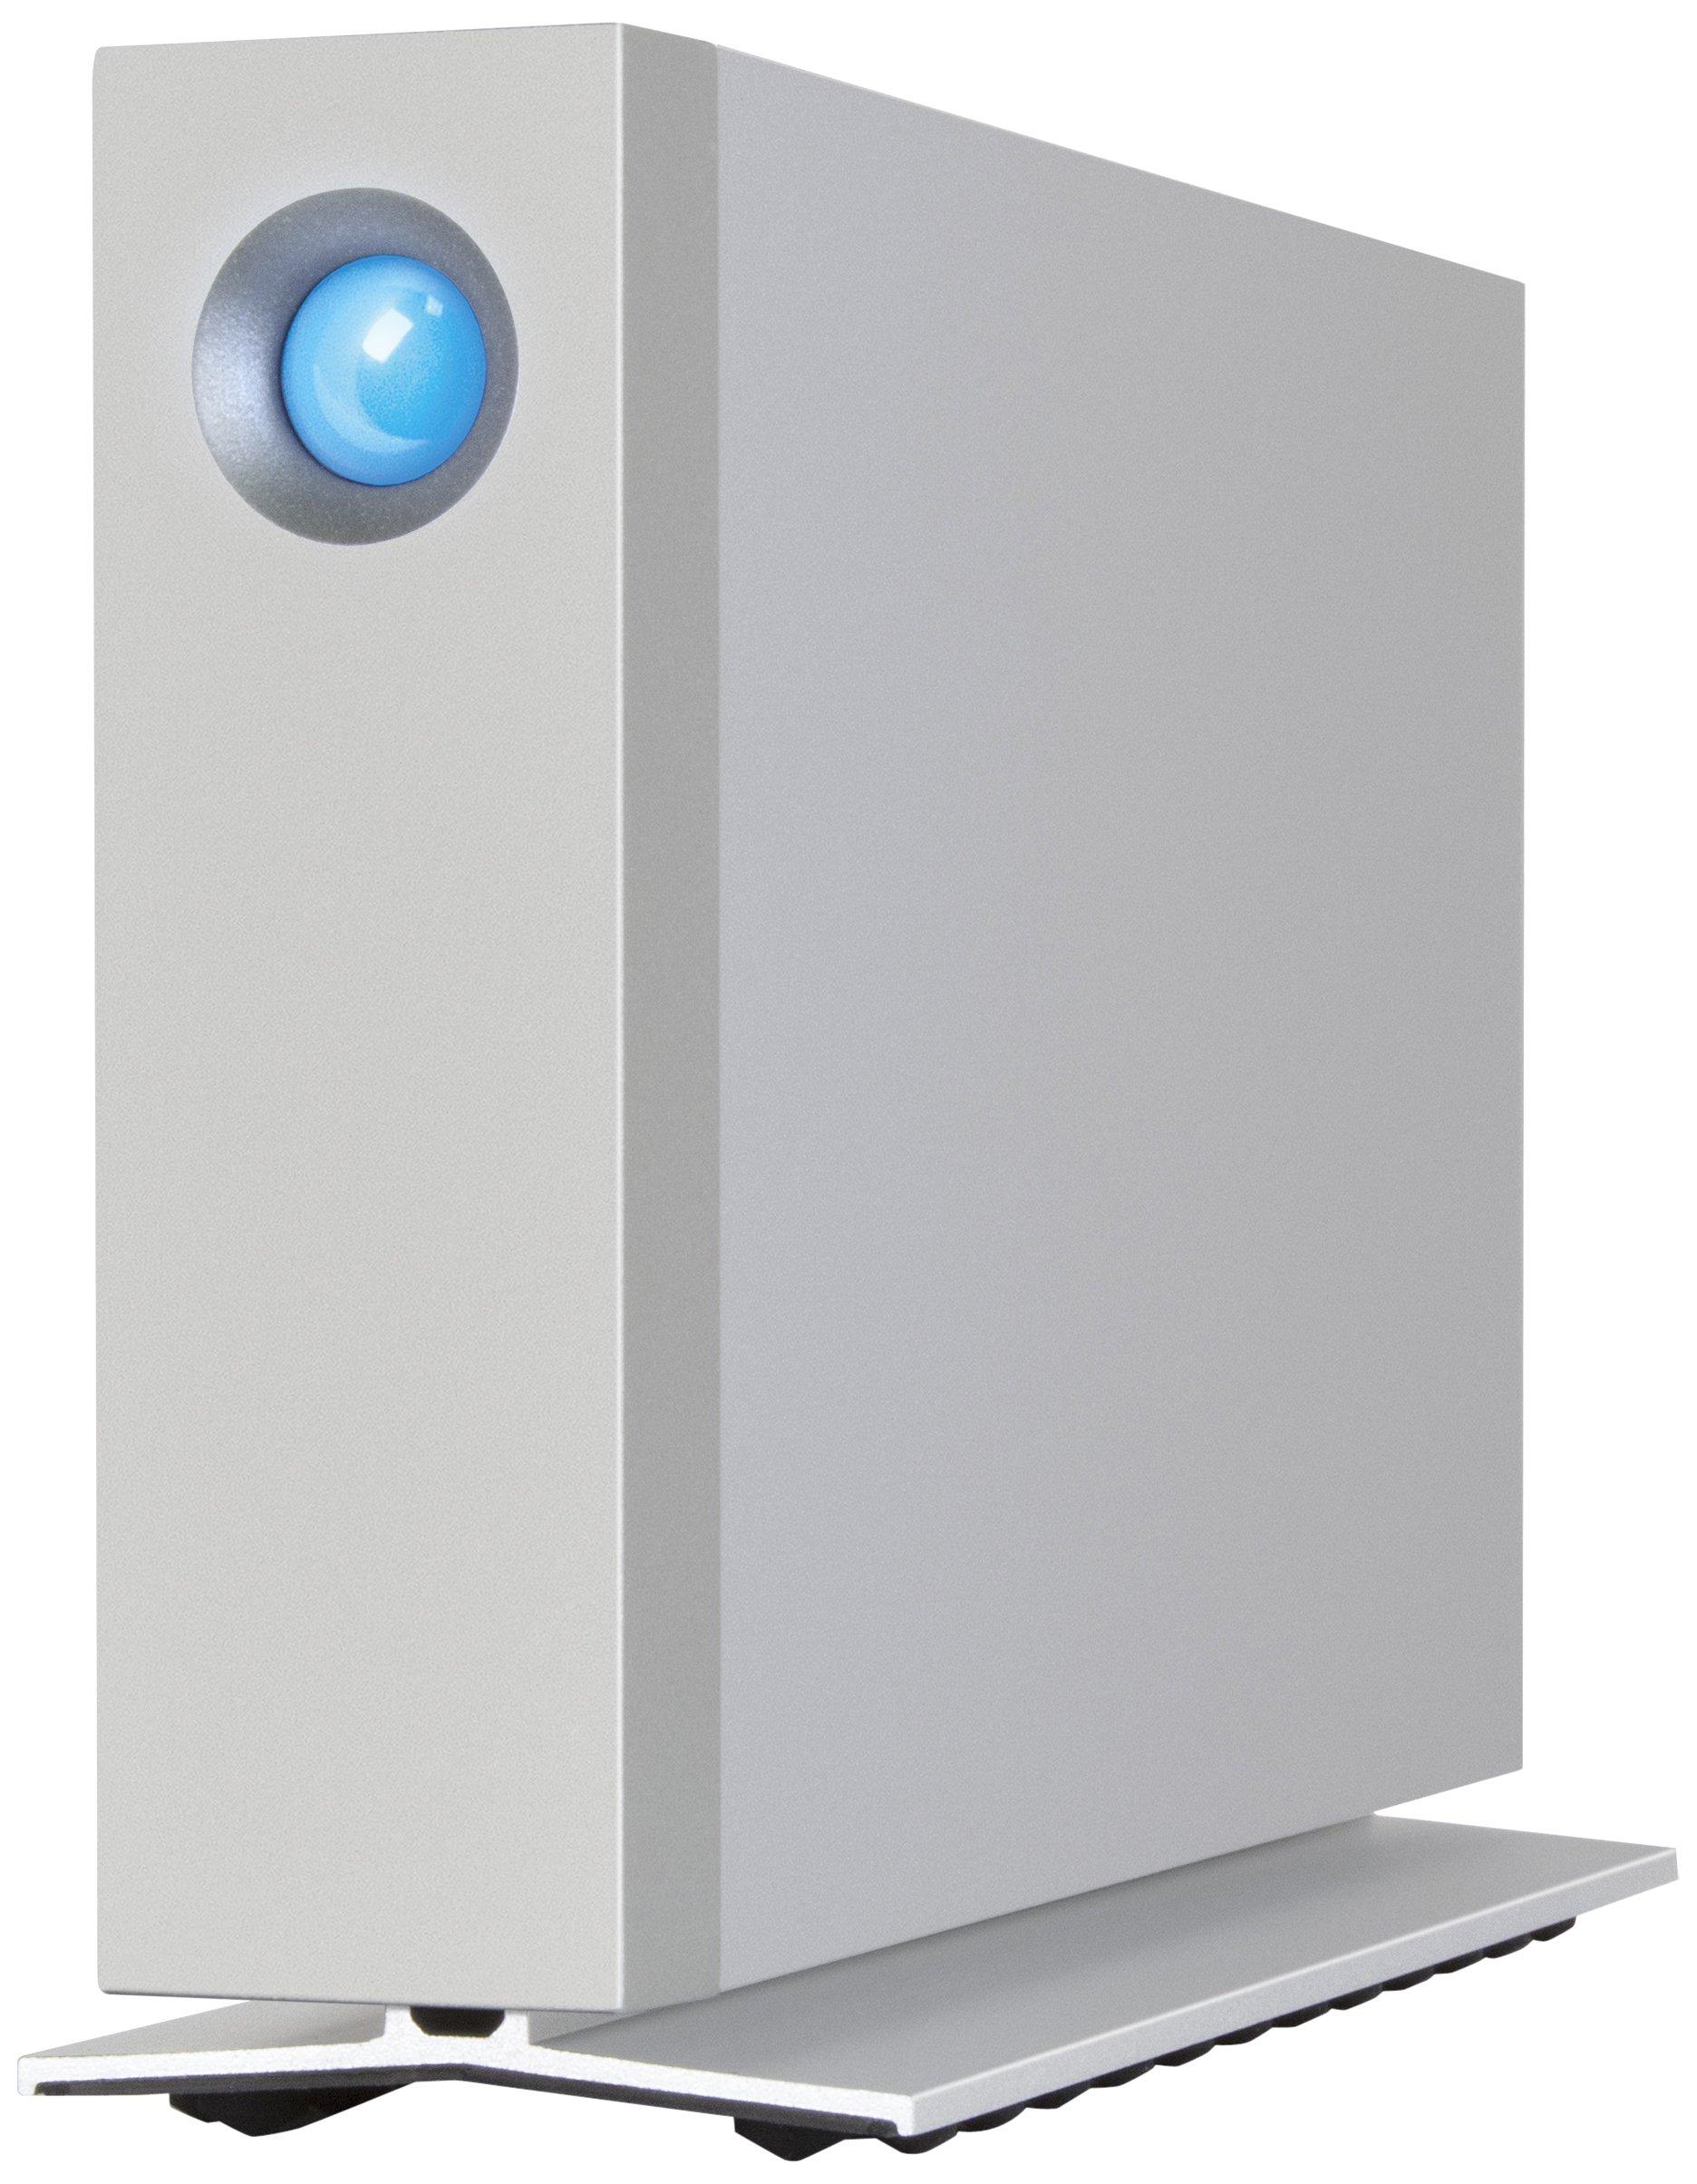 LaCie d2 9000443 USB 3.0 Desktop Hard Drive (4TB) by LaCie